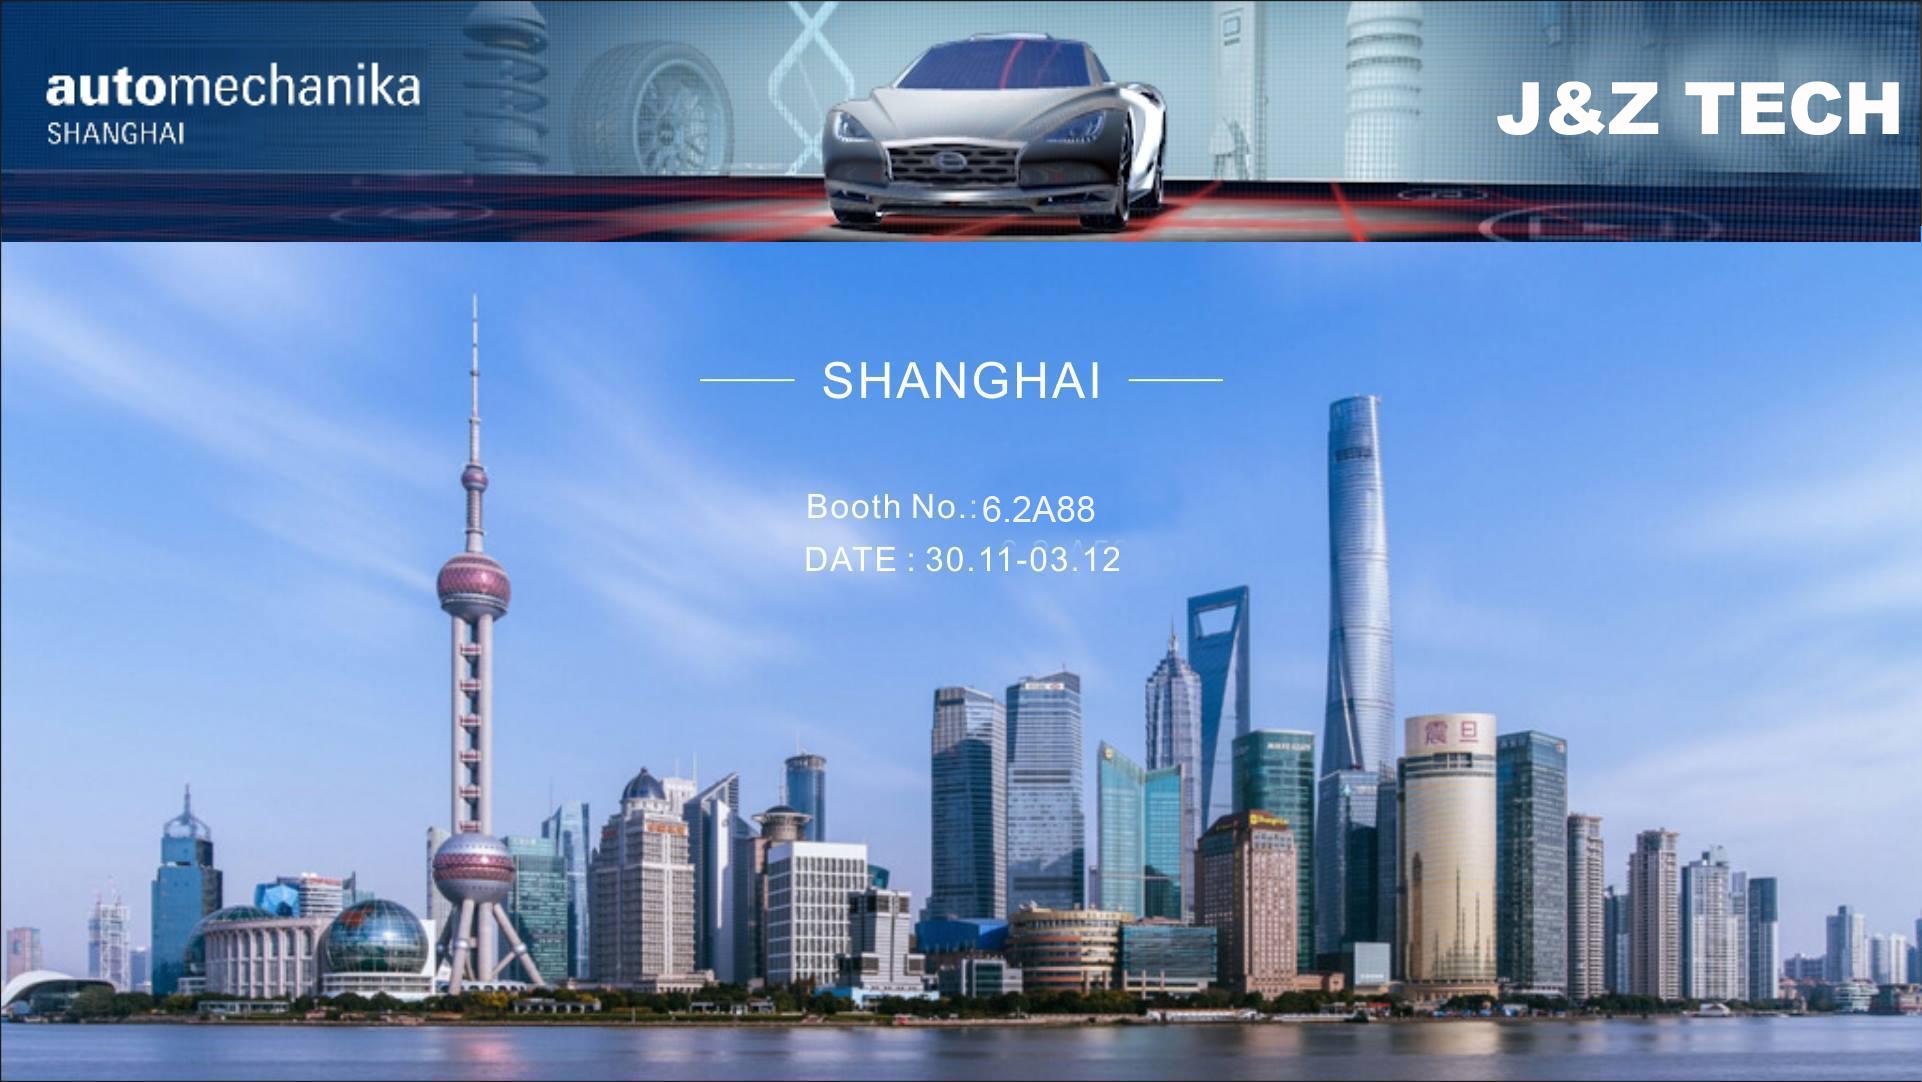 j & z shanghai automechanika show